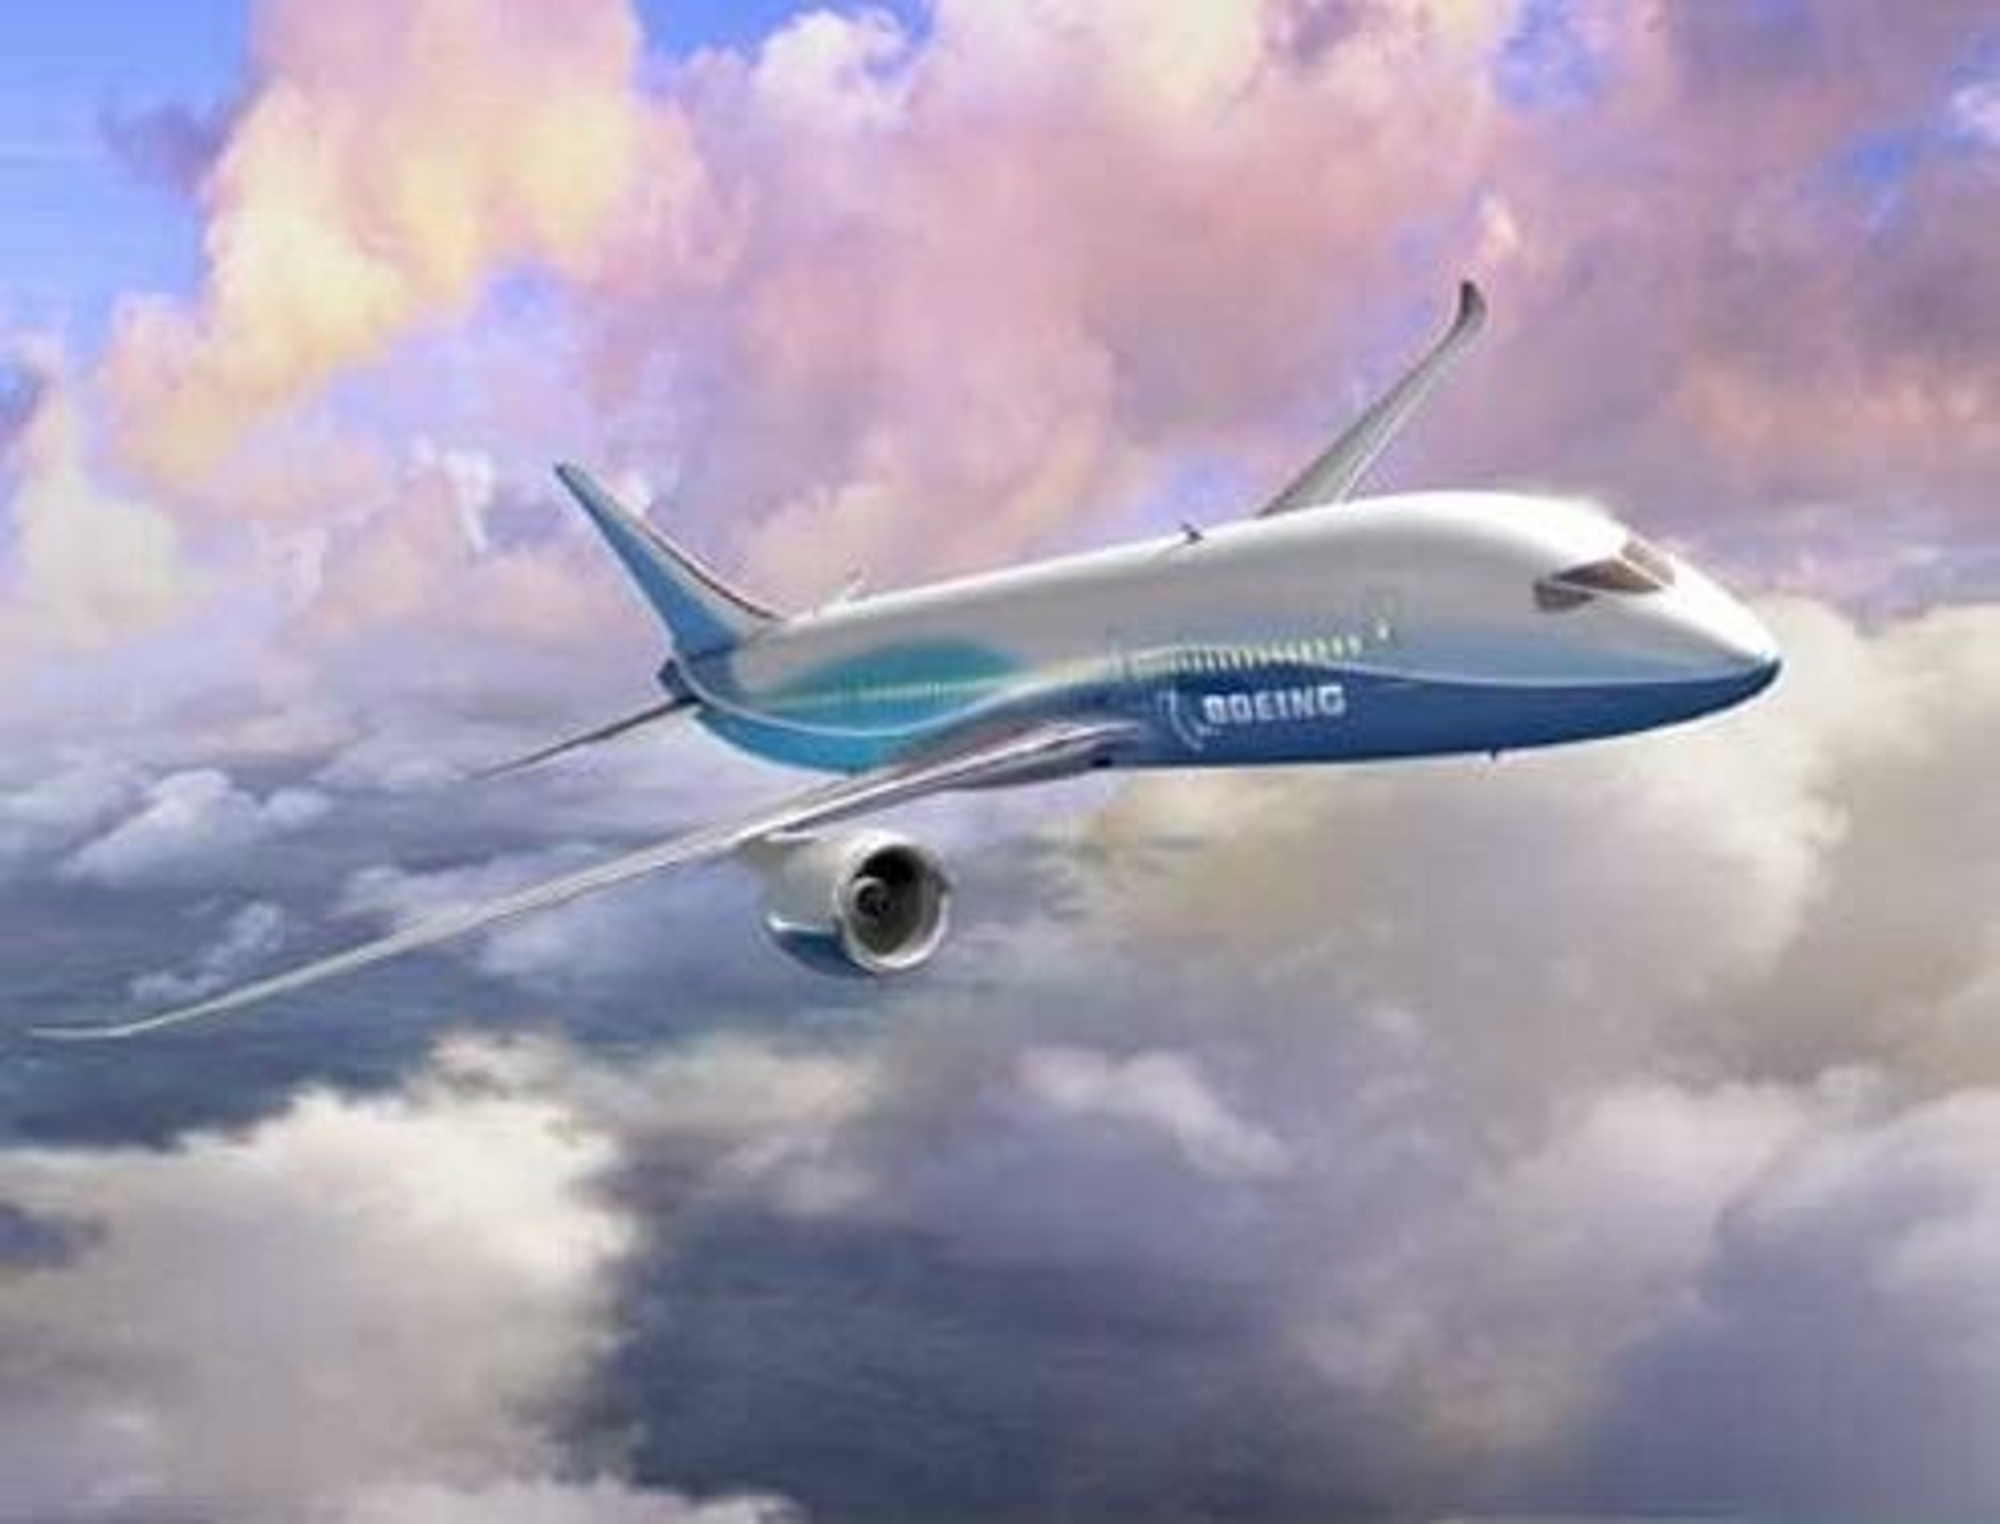 OM TO ÅR: Boeings nye Dreamliner B7E7 skal fly i +900 km/h over 15 000 kilometer med økt komfort og økonomi sammenlignet med dagens fly. FOTO: BOEING